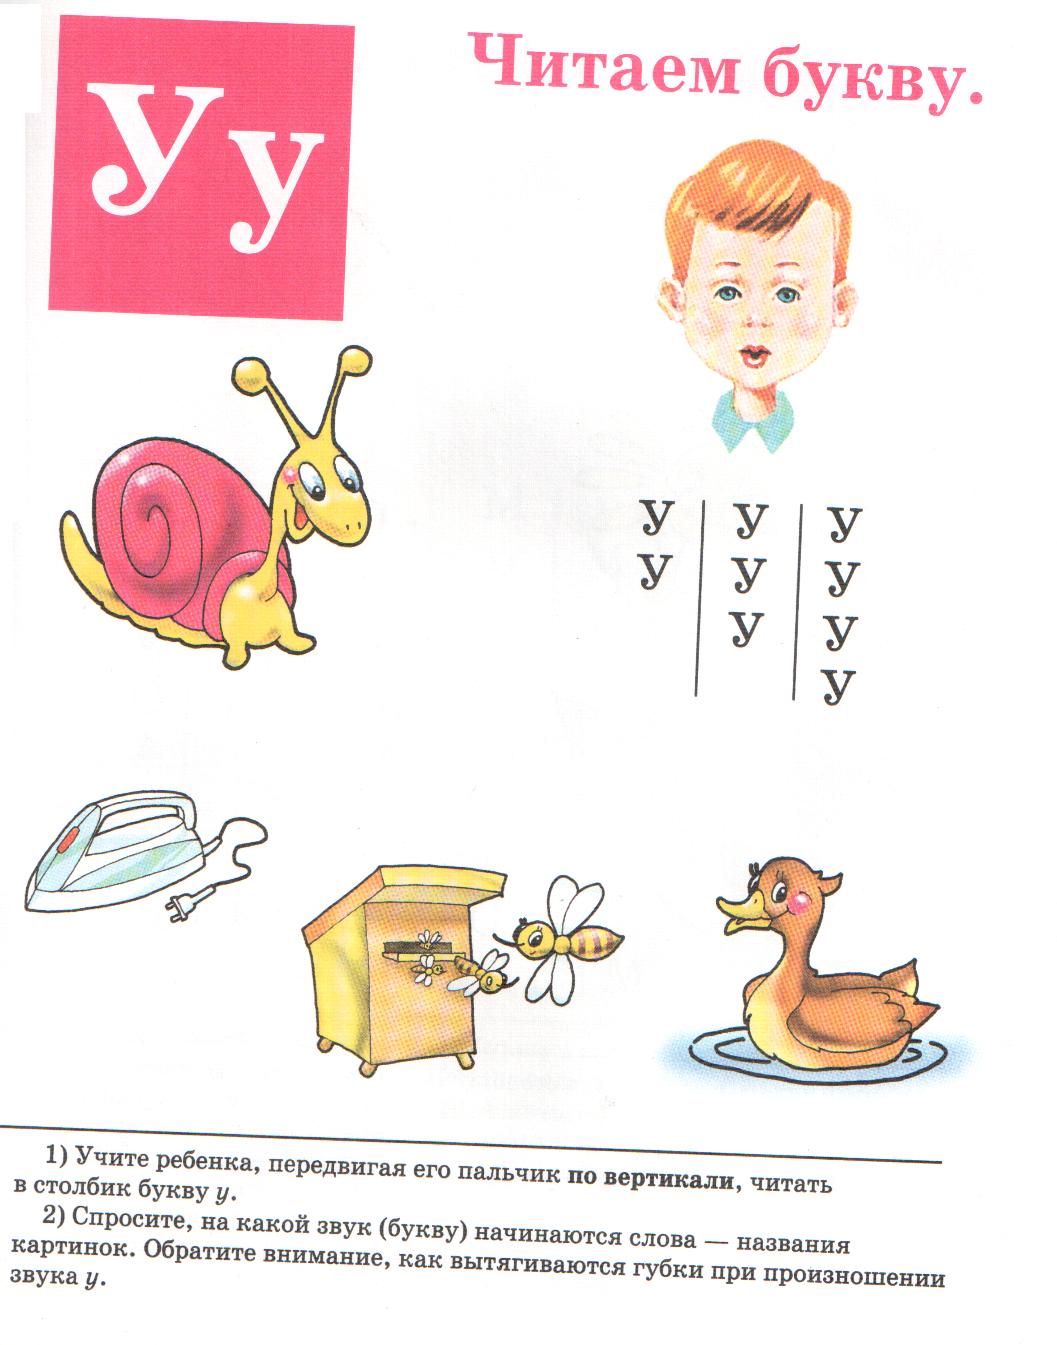 планы-конспекты уроков по букварю н жуковой